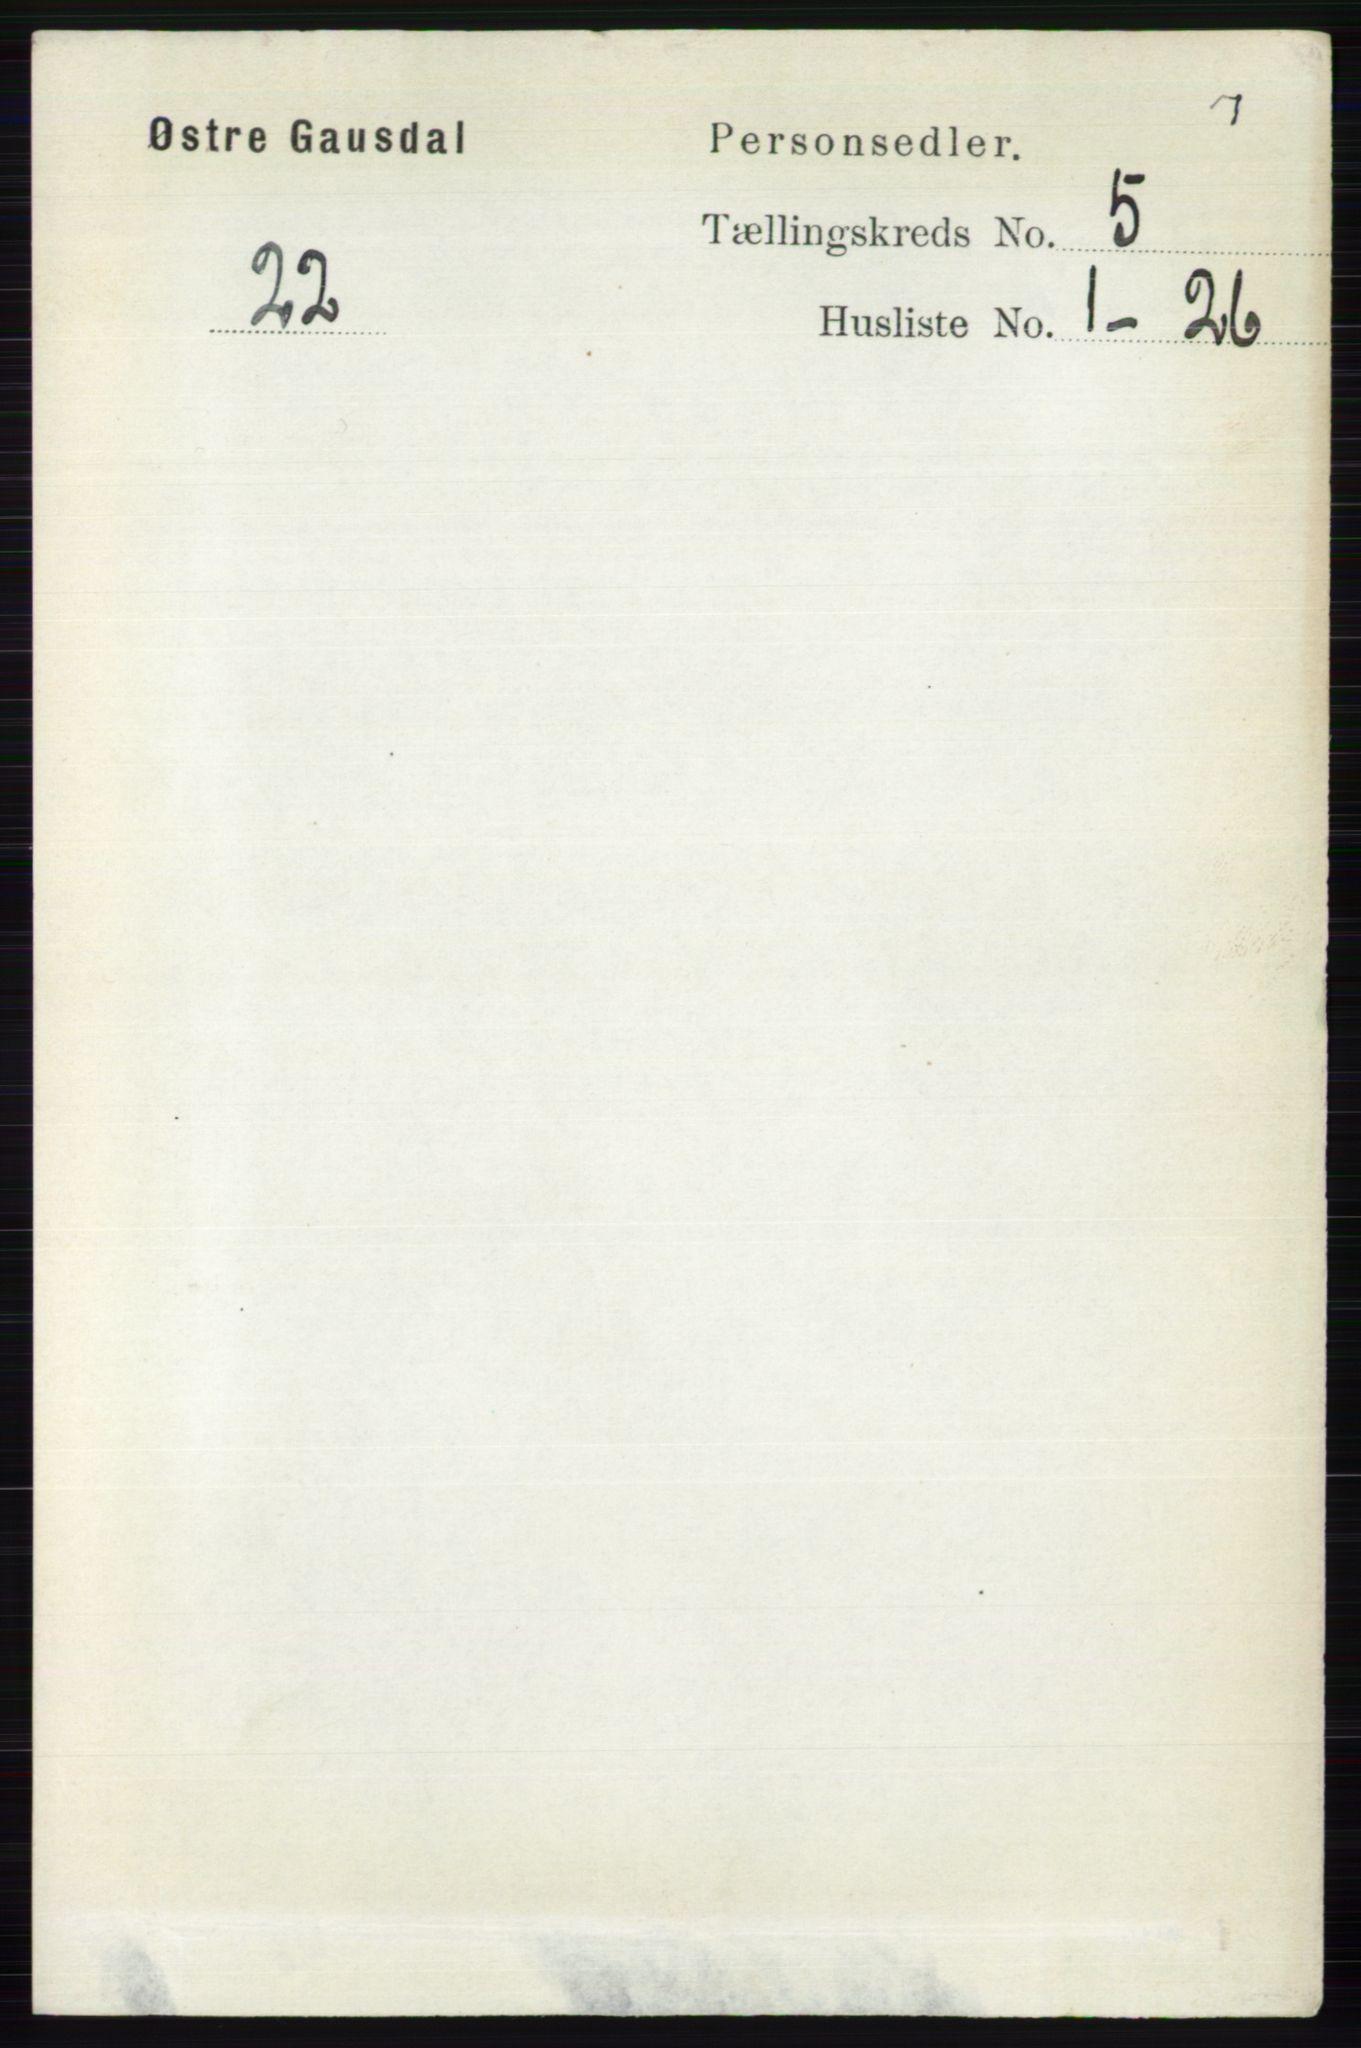 RA, Folketelling 1891 for 0522 Østre Gausdal herred, 1891, s. 2990